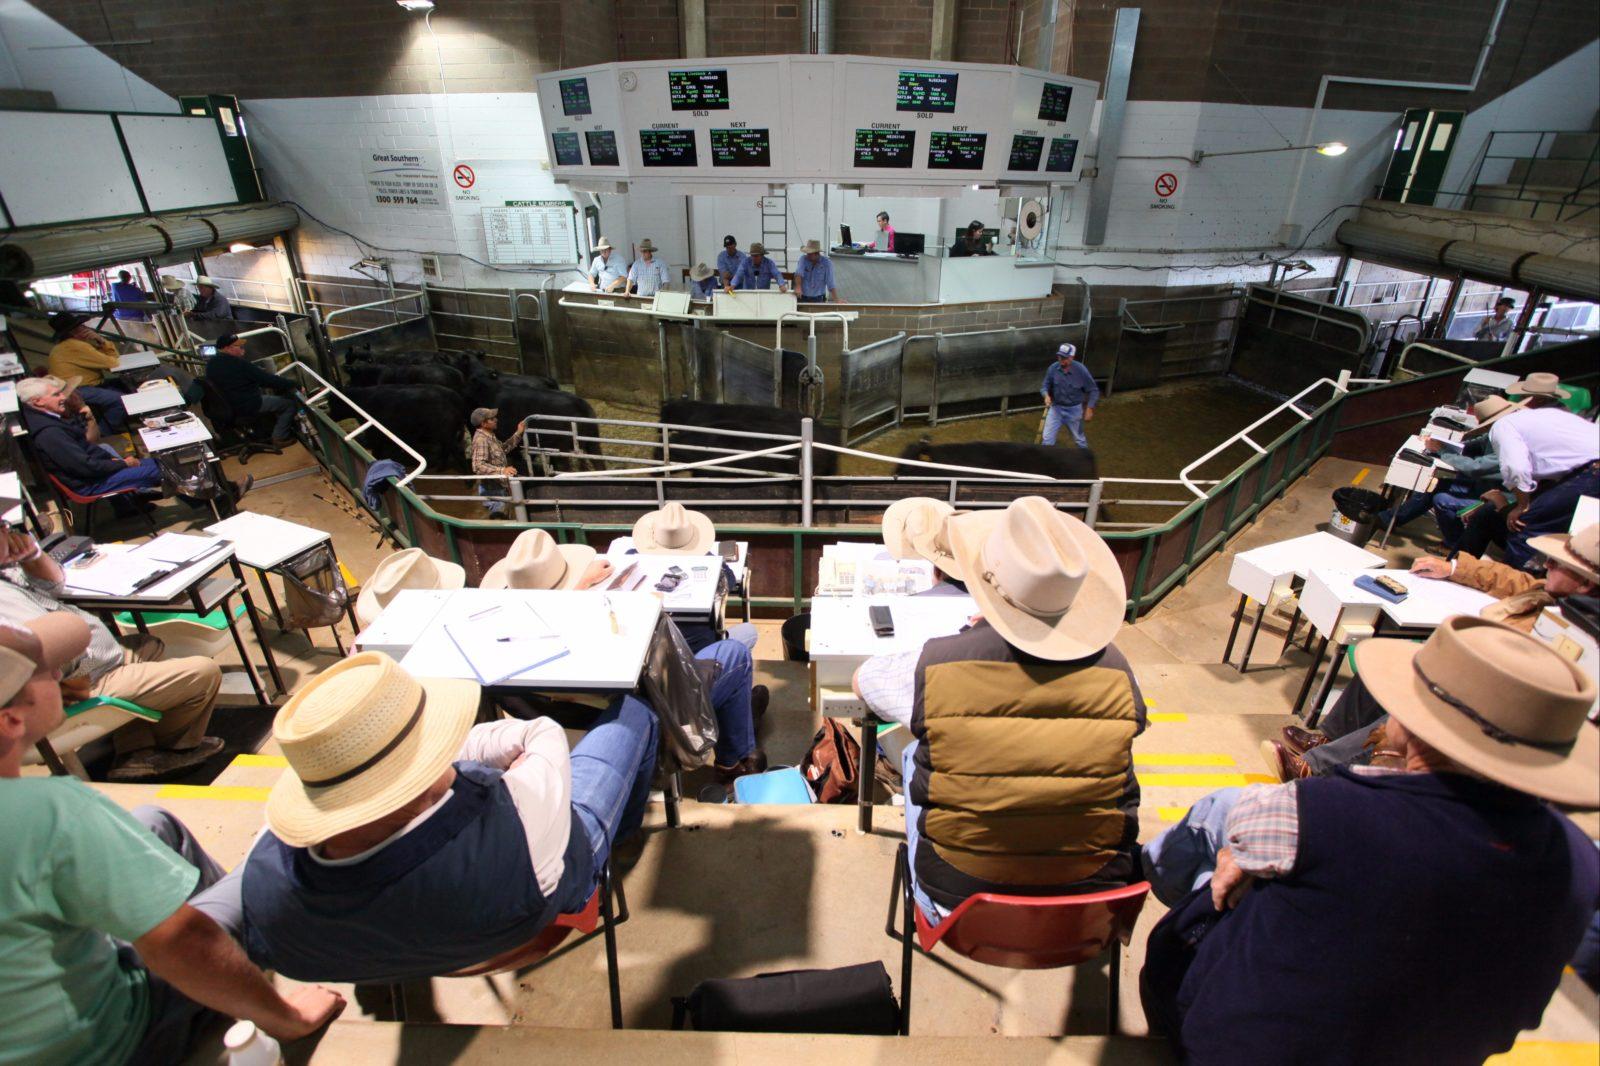 Wagga Wagga Livestock Marketing Centre